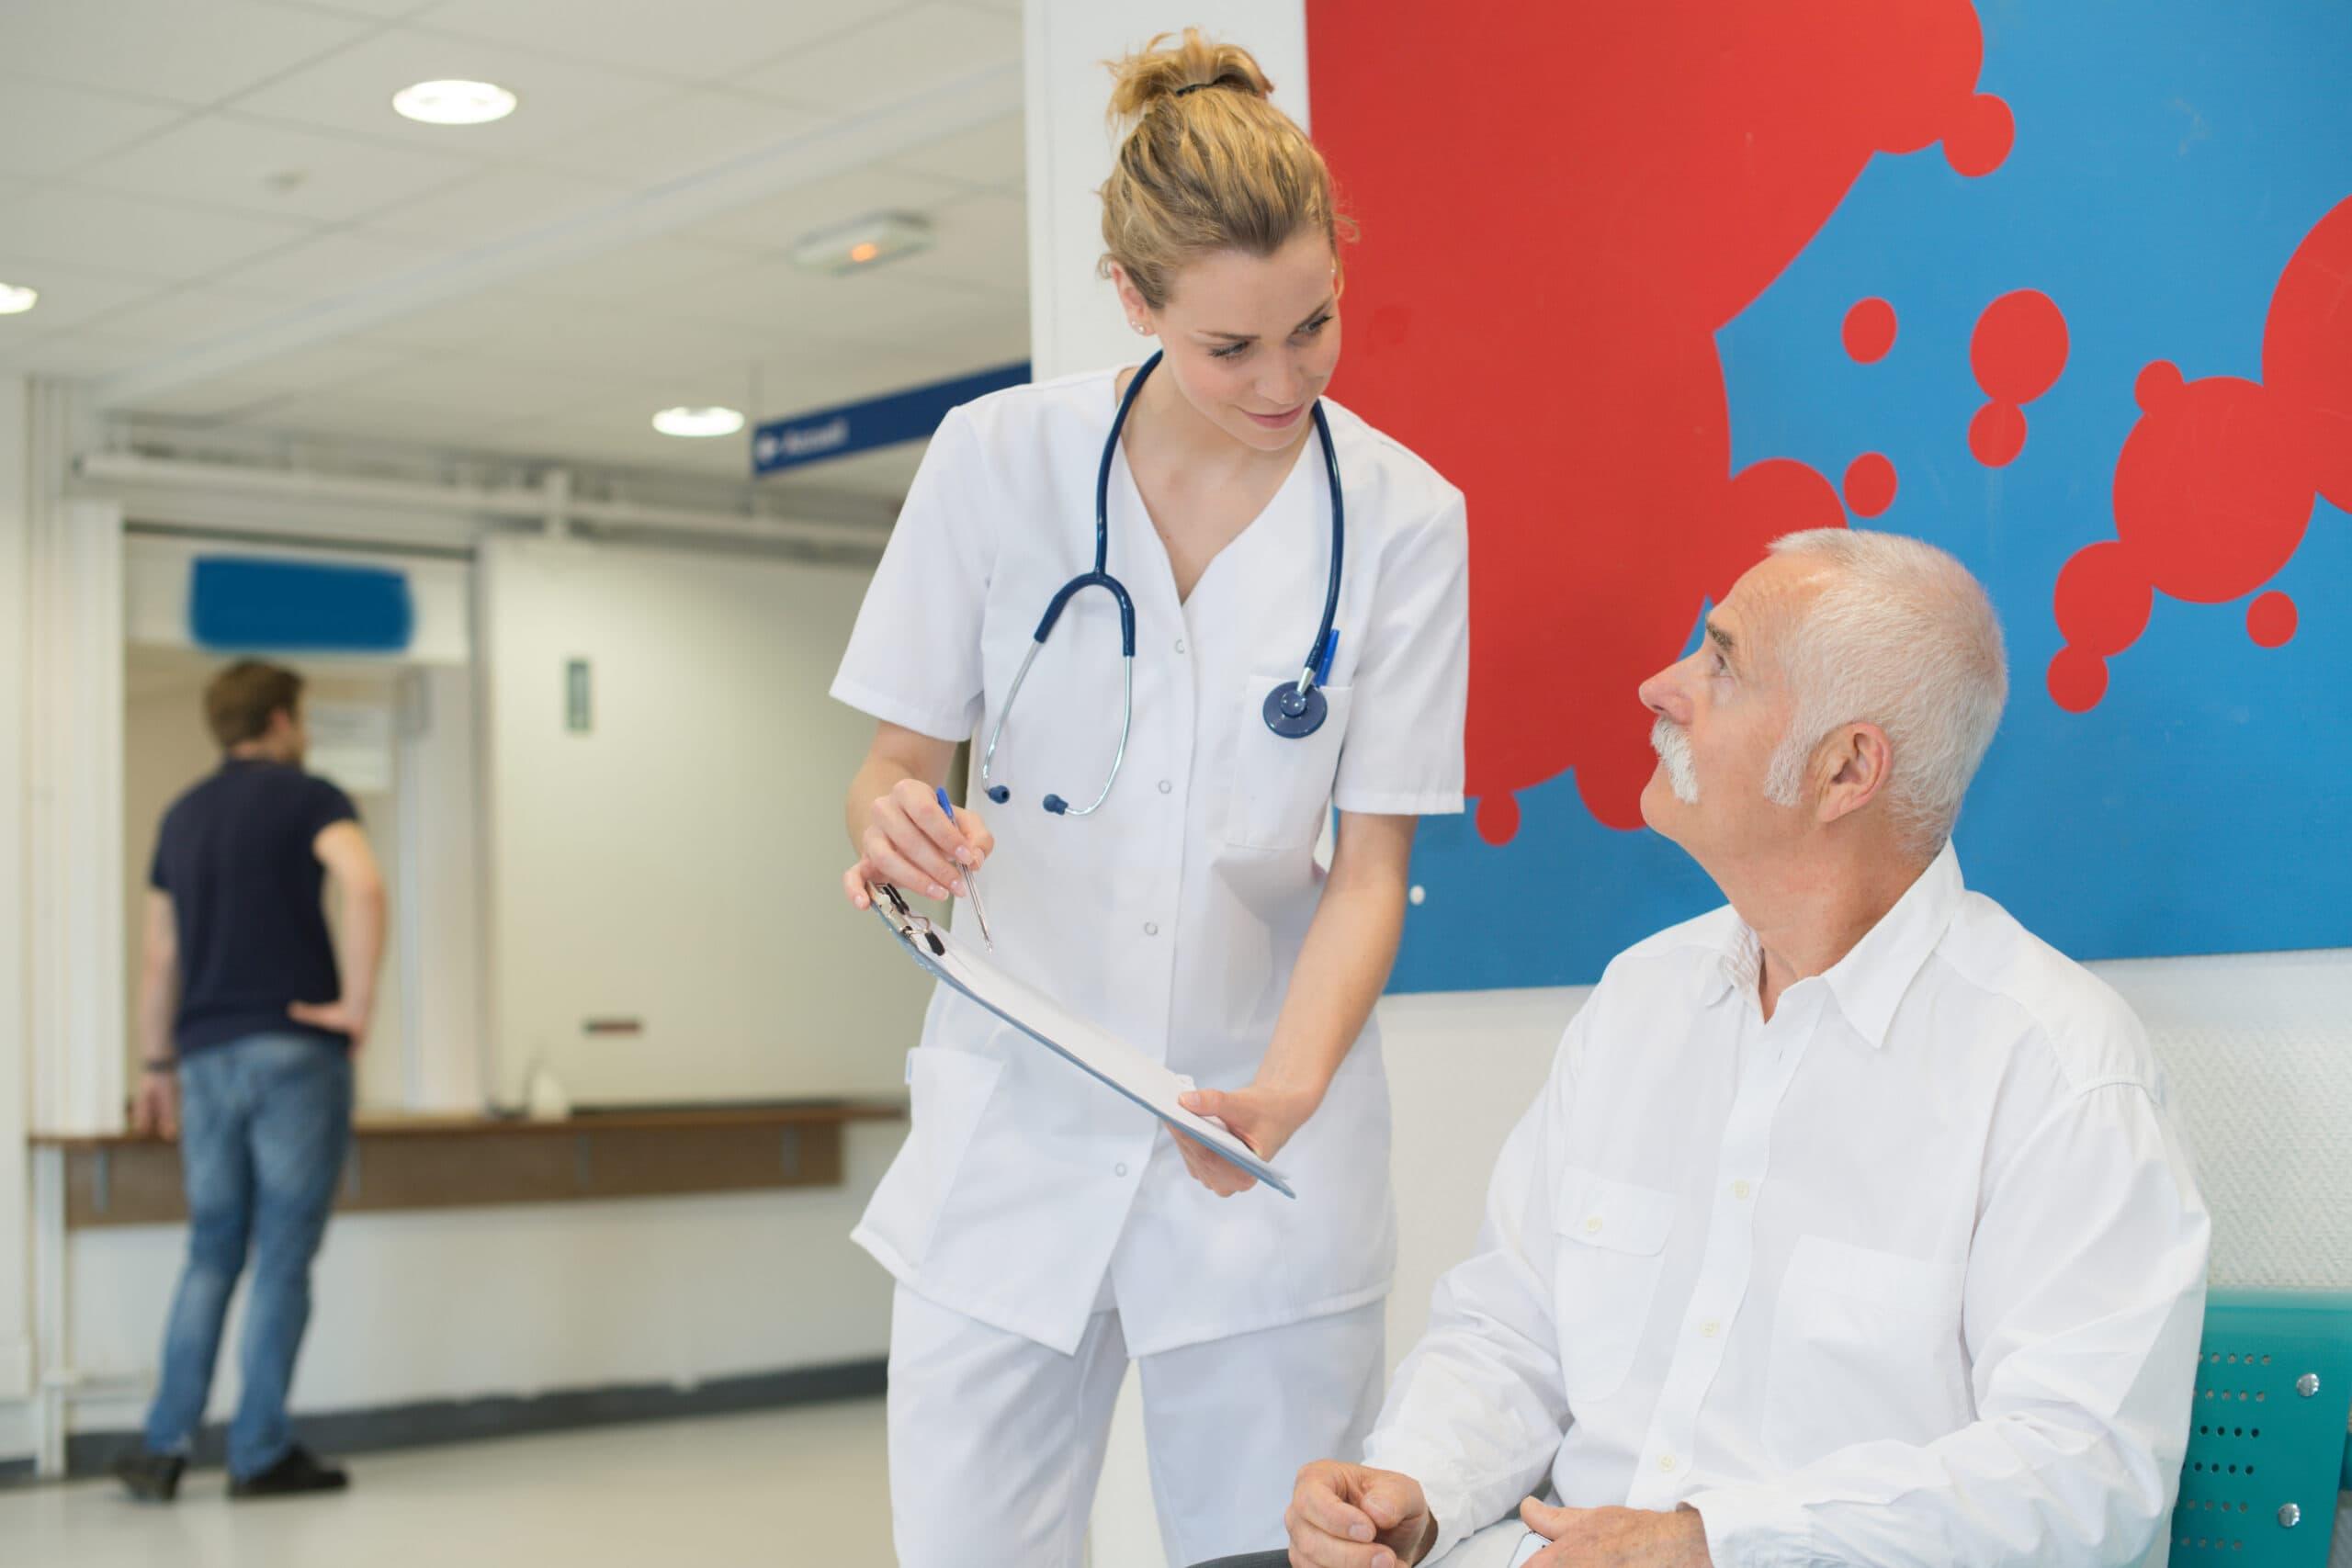 Marktvergelijking hospitalisatieverzekering